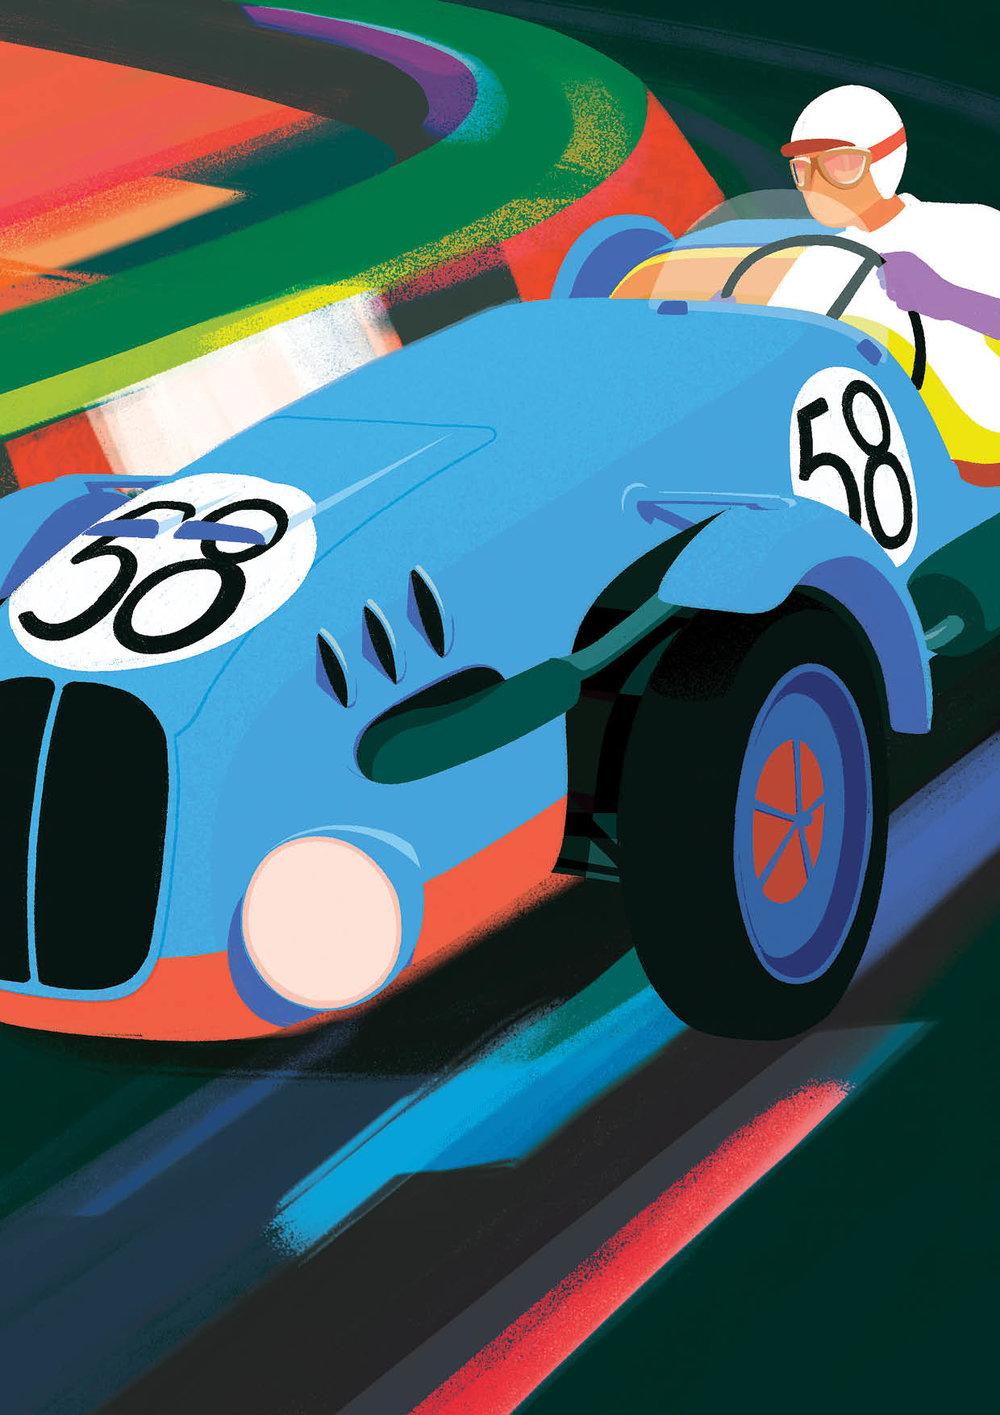 V červnu 1949 se zúčastnily prvního poválečného ročníku čtyřiadvacetihodinového závodu v Le Mans dva minory. Formule vítězné posádky Krattner–Sutnar dostala číslo 58 a byl jí domalován příčný modrý pruh, aby reprezentovala národní barvy.